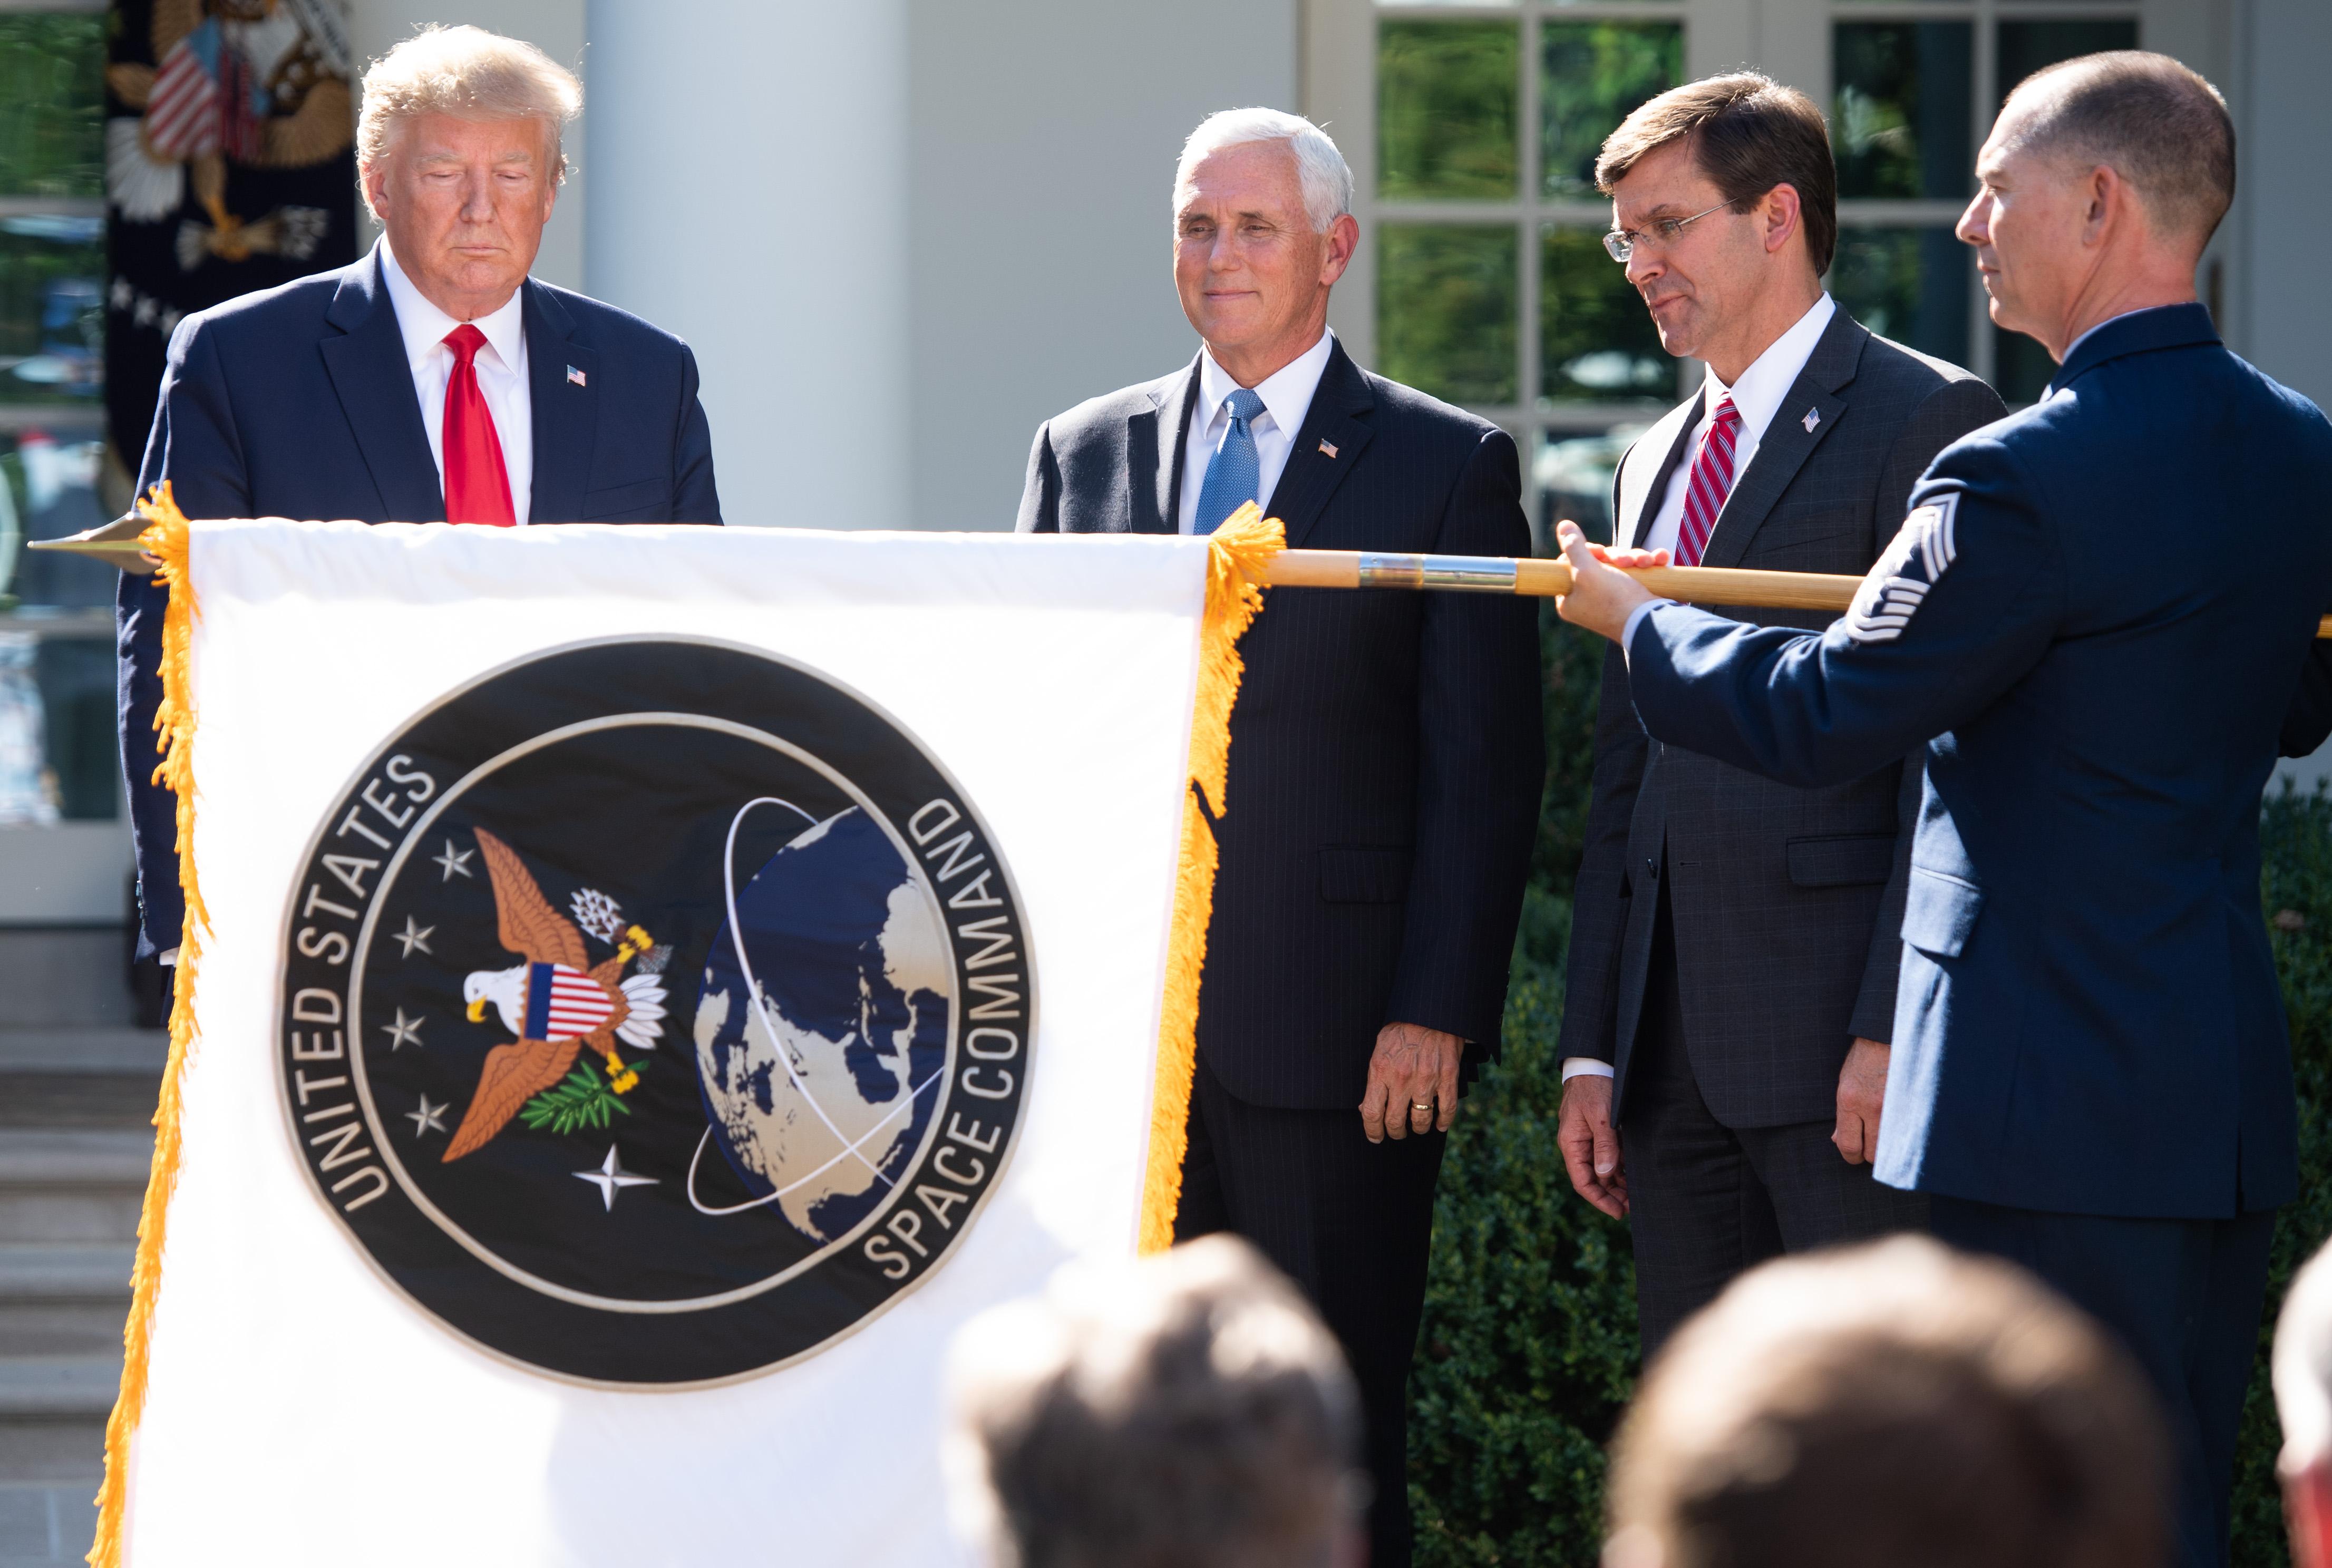 US-POLITICS-SPACE-TRUMP